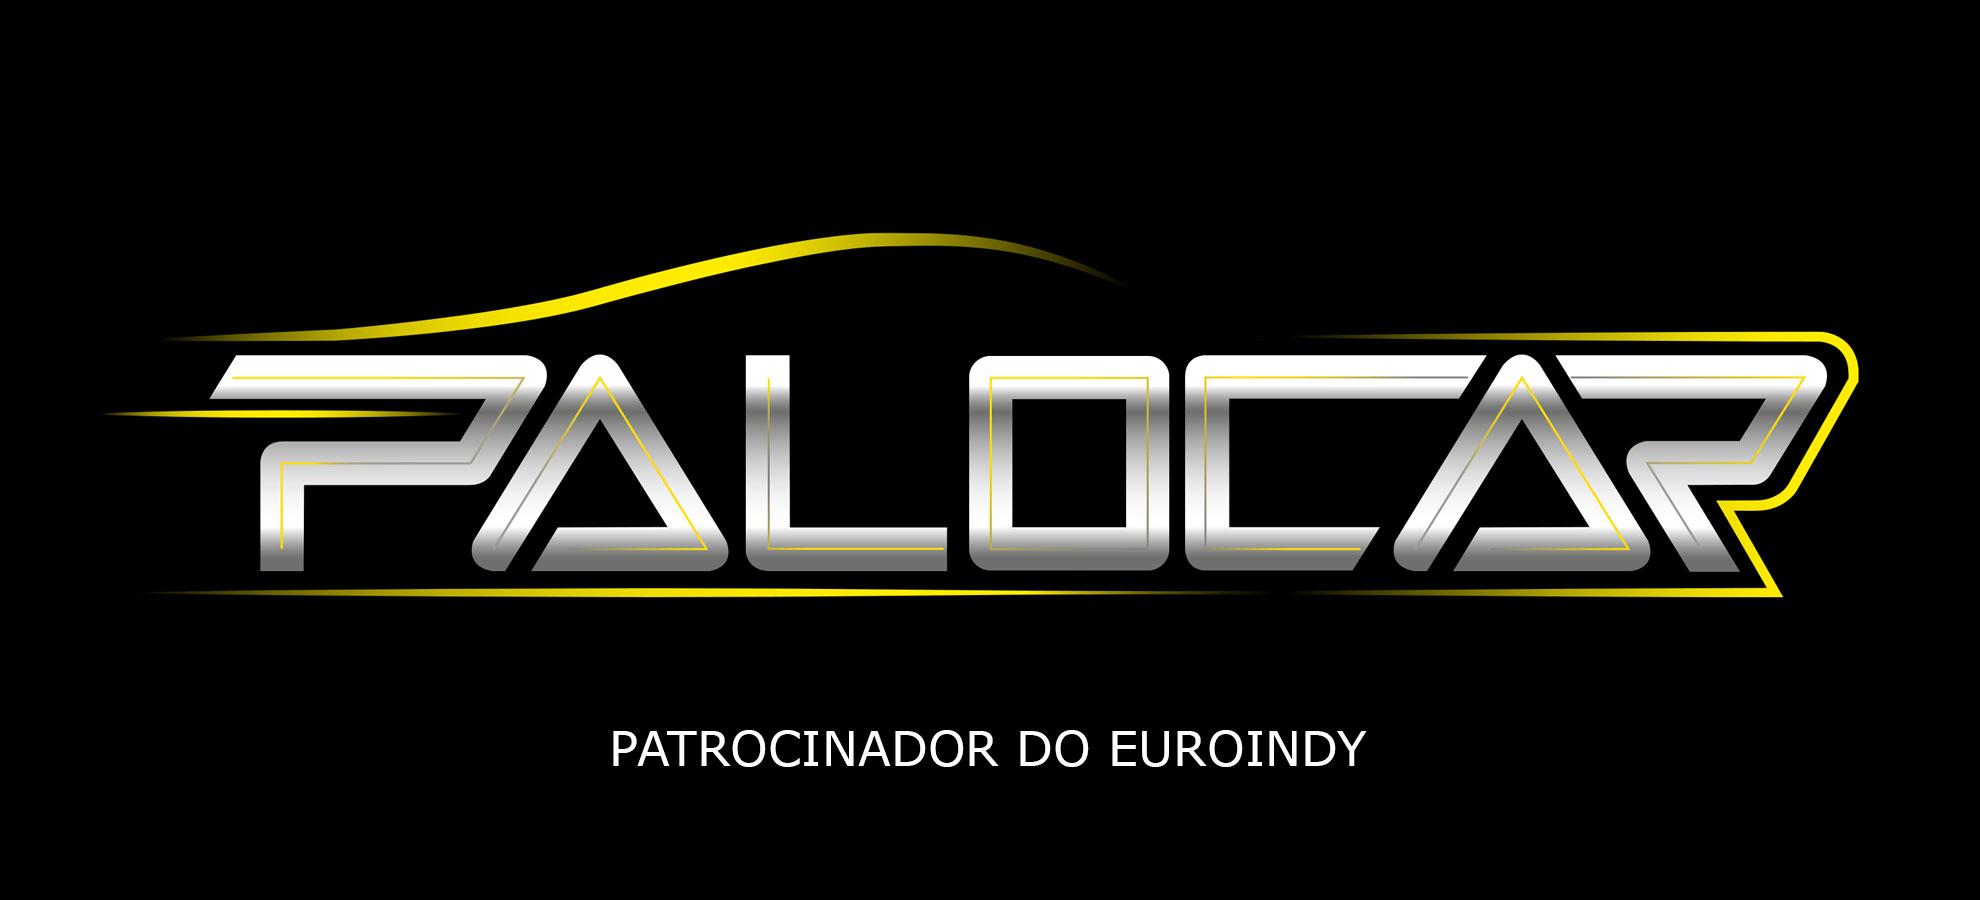 Palocar patrocina o Euroindy